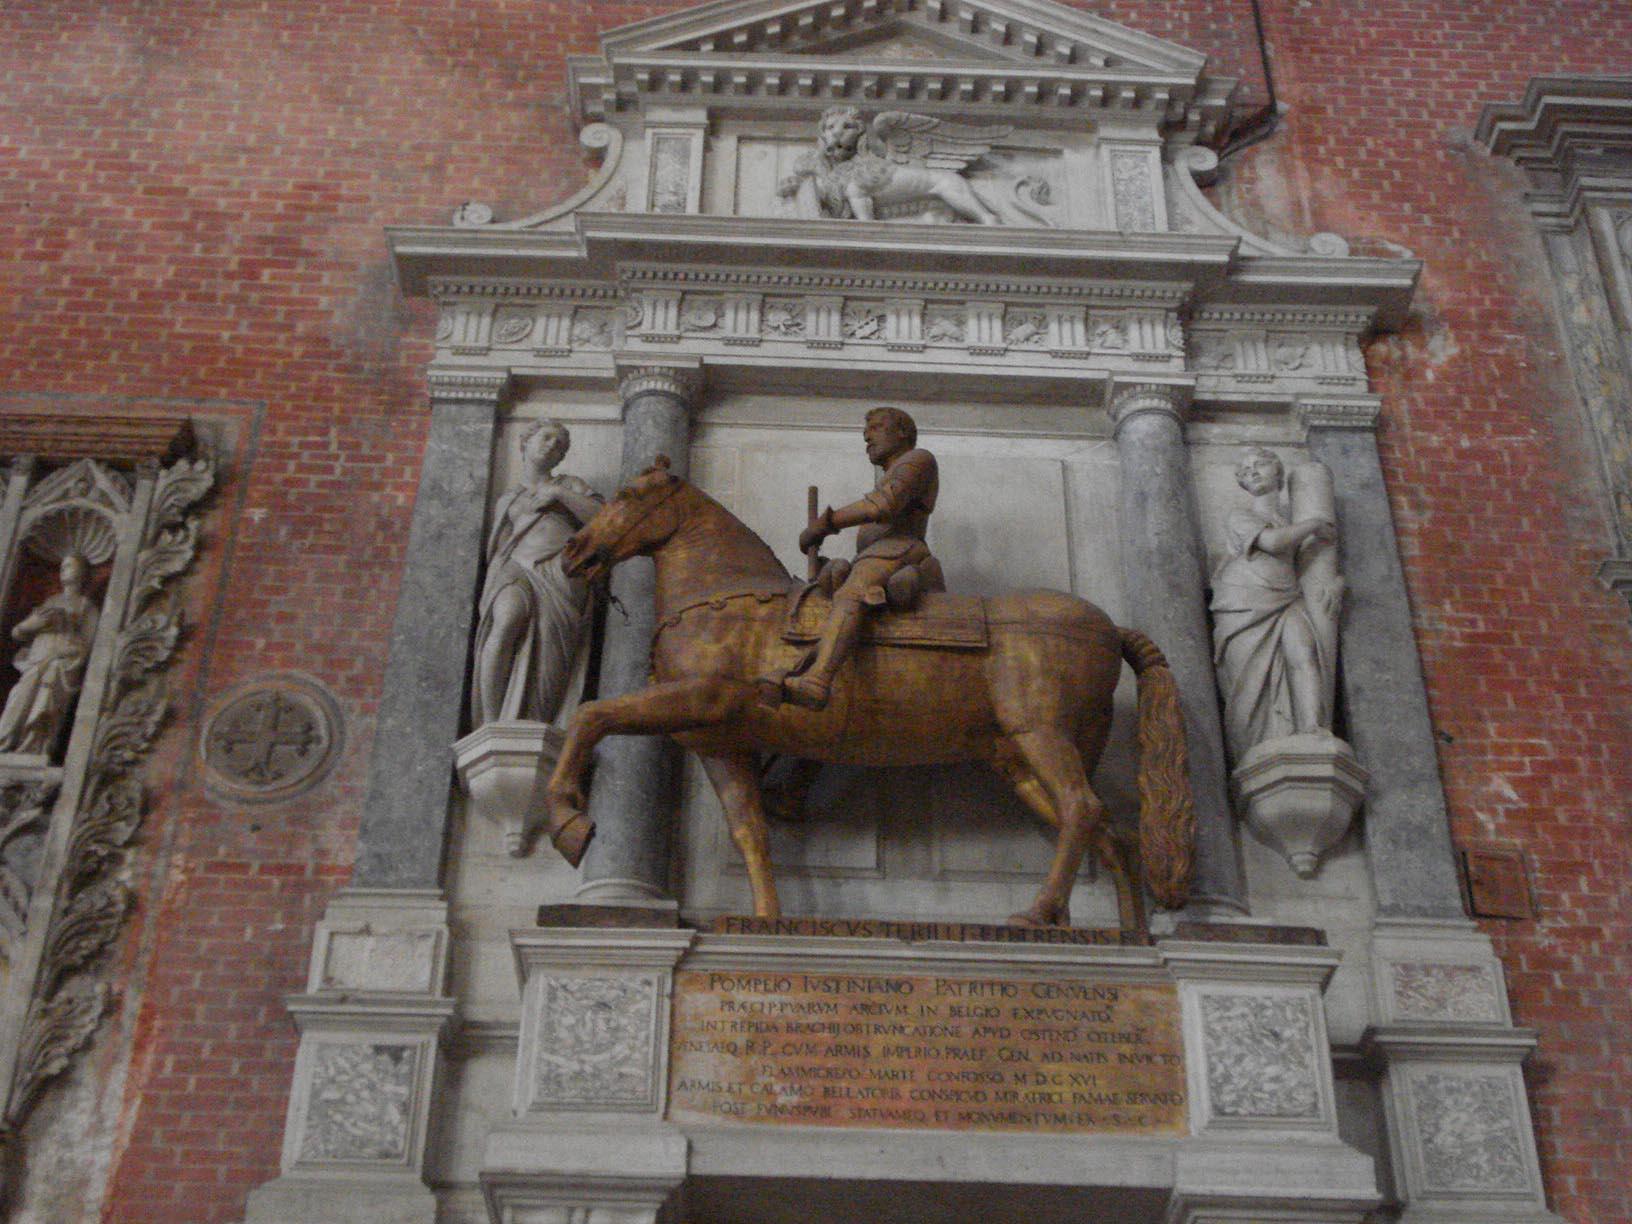 026-памятник Помпео Джустиниани